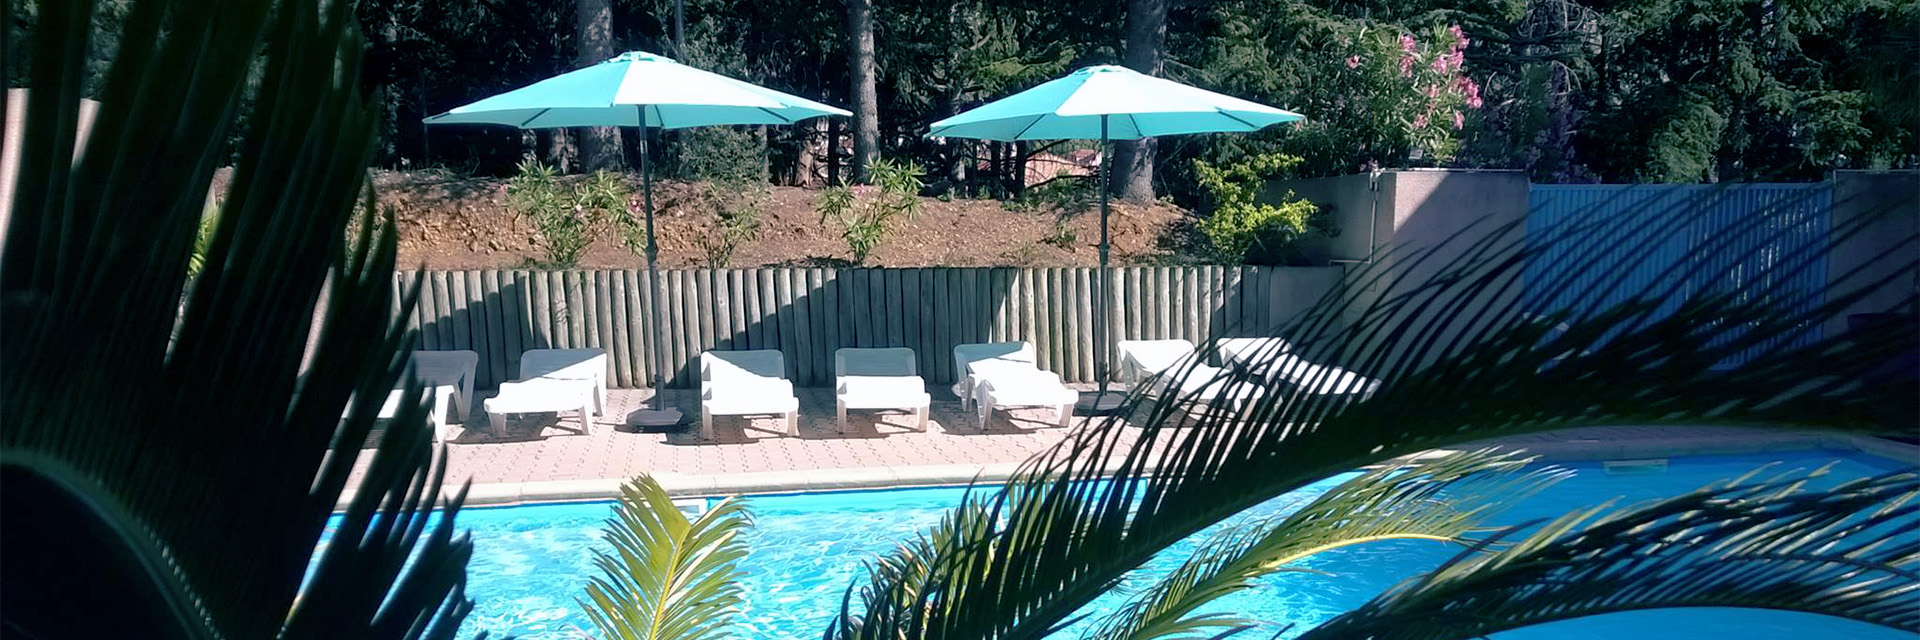 Village_club_vacances_normandie-et-cote-d-opale-torre-del-far-piscine